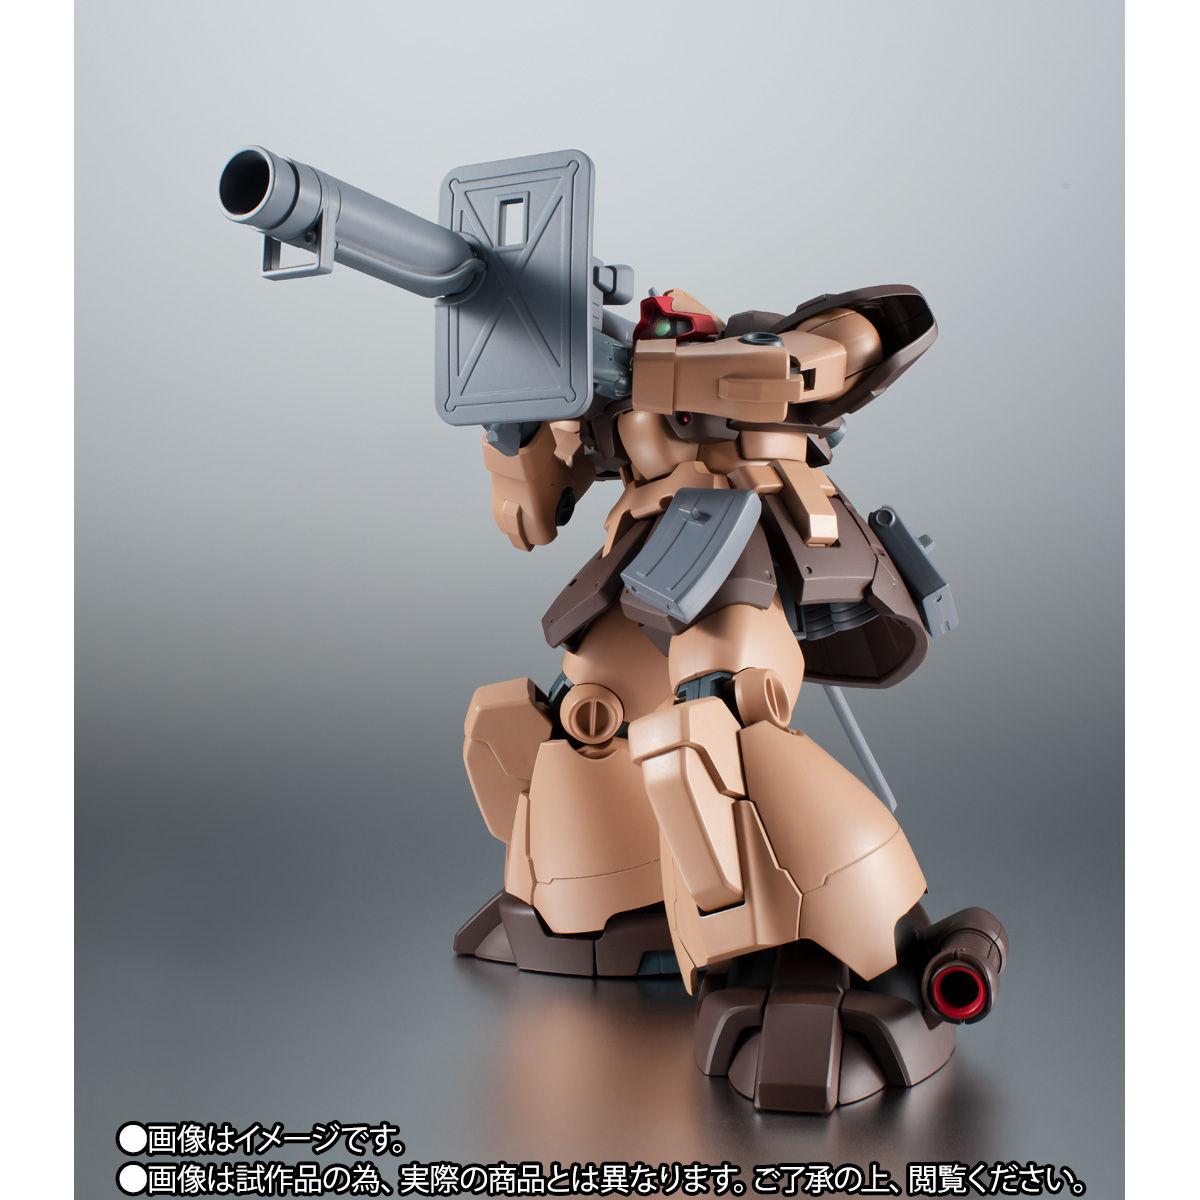 【限定販売】ROBOT魂〈SIDE MS〉『MS-09F/TROP ドム・トローペン キンバライド基地仕様 ver. A.N.I.M.E.』ガンダム0083 可動フィギュア-007